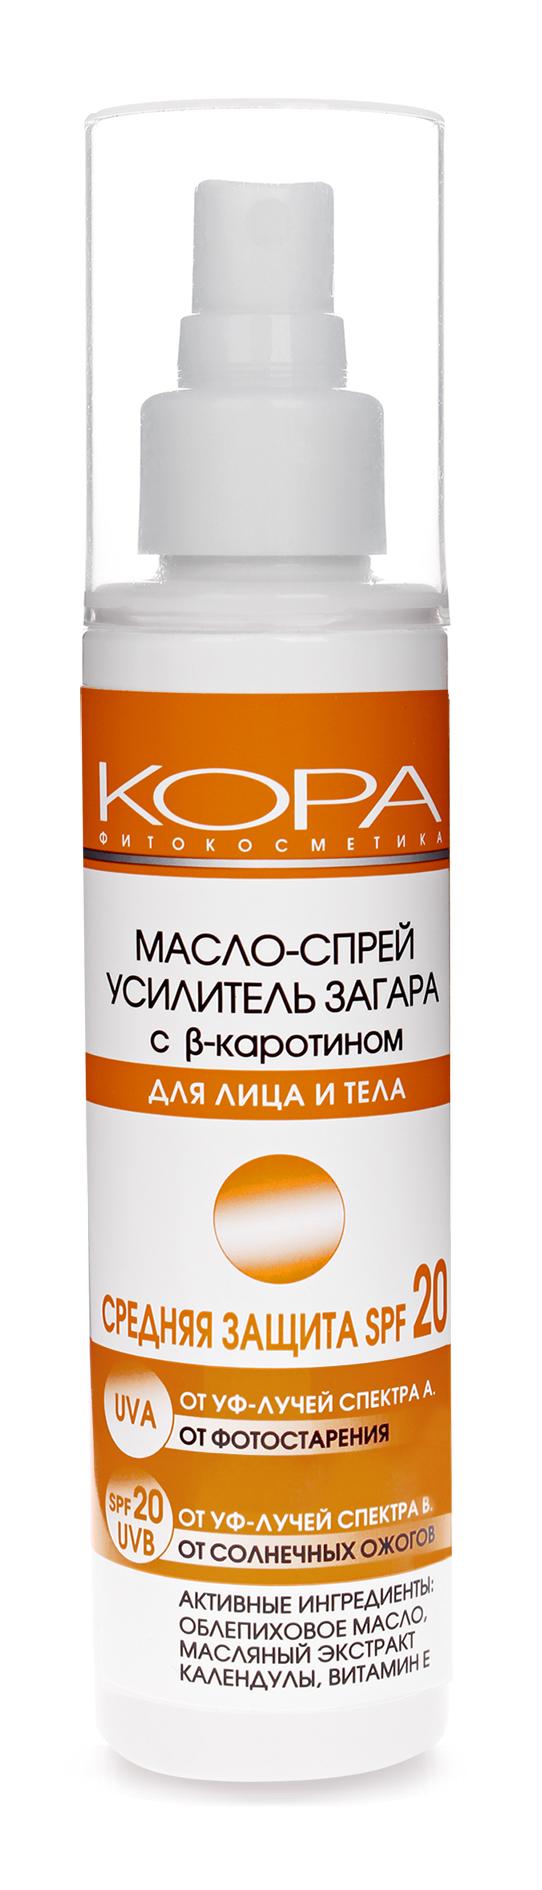 КОРА Масло-спрей усилитель загара с B-каротином SPF20 150мл